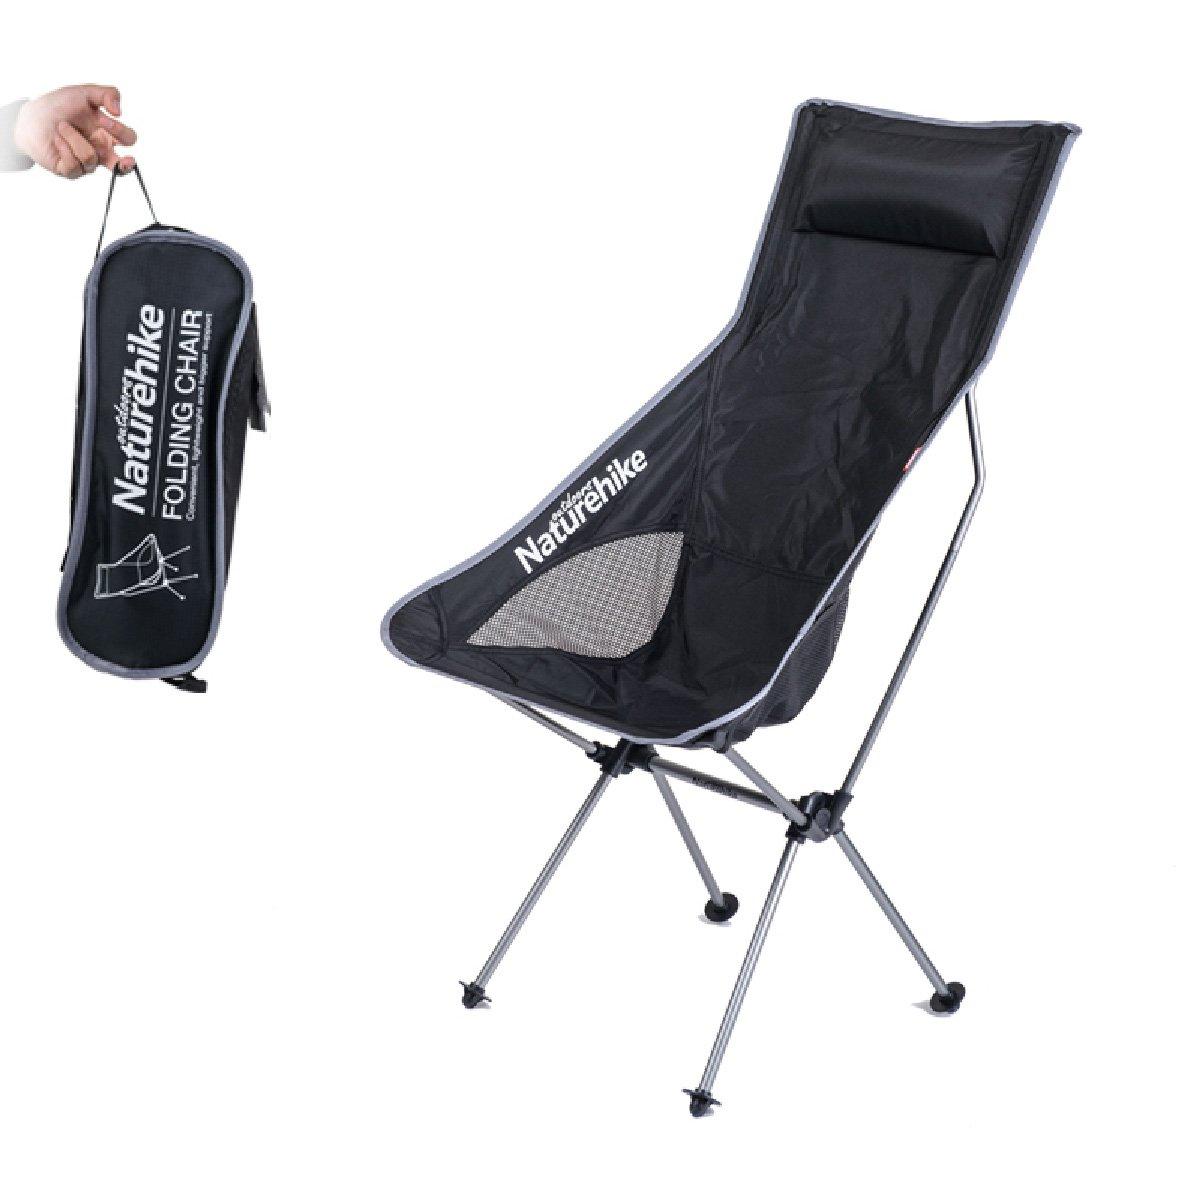 TRIWONDER Faltender kampierender Stuhl Leichte Tragbare wandernde Lager-Stühle Zusammen mit Tragen Tasche für Das Kampieren, Strand, wandernd und Wandern